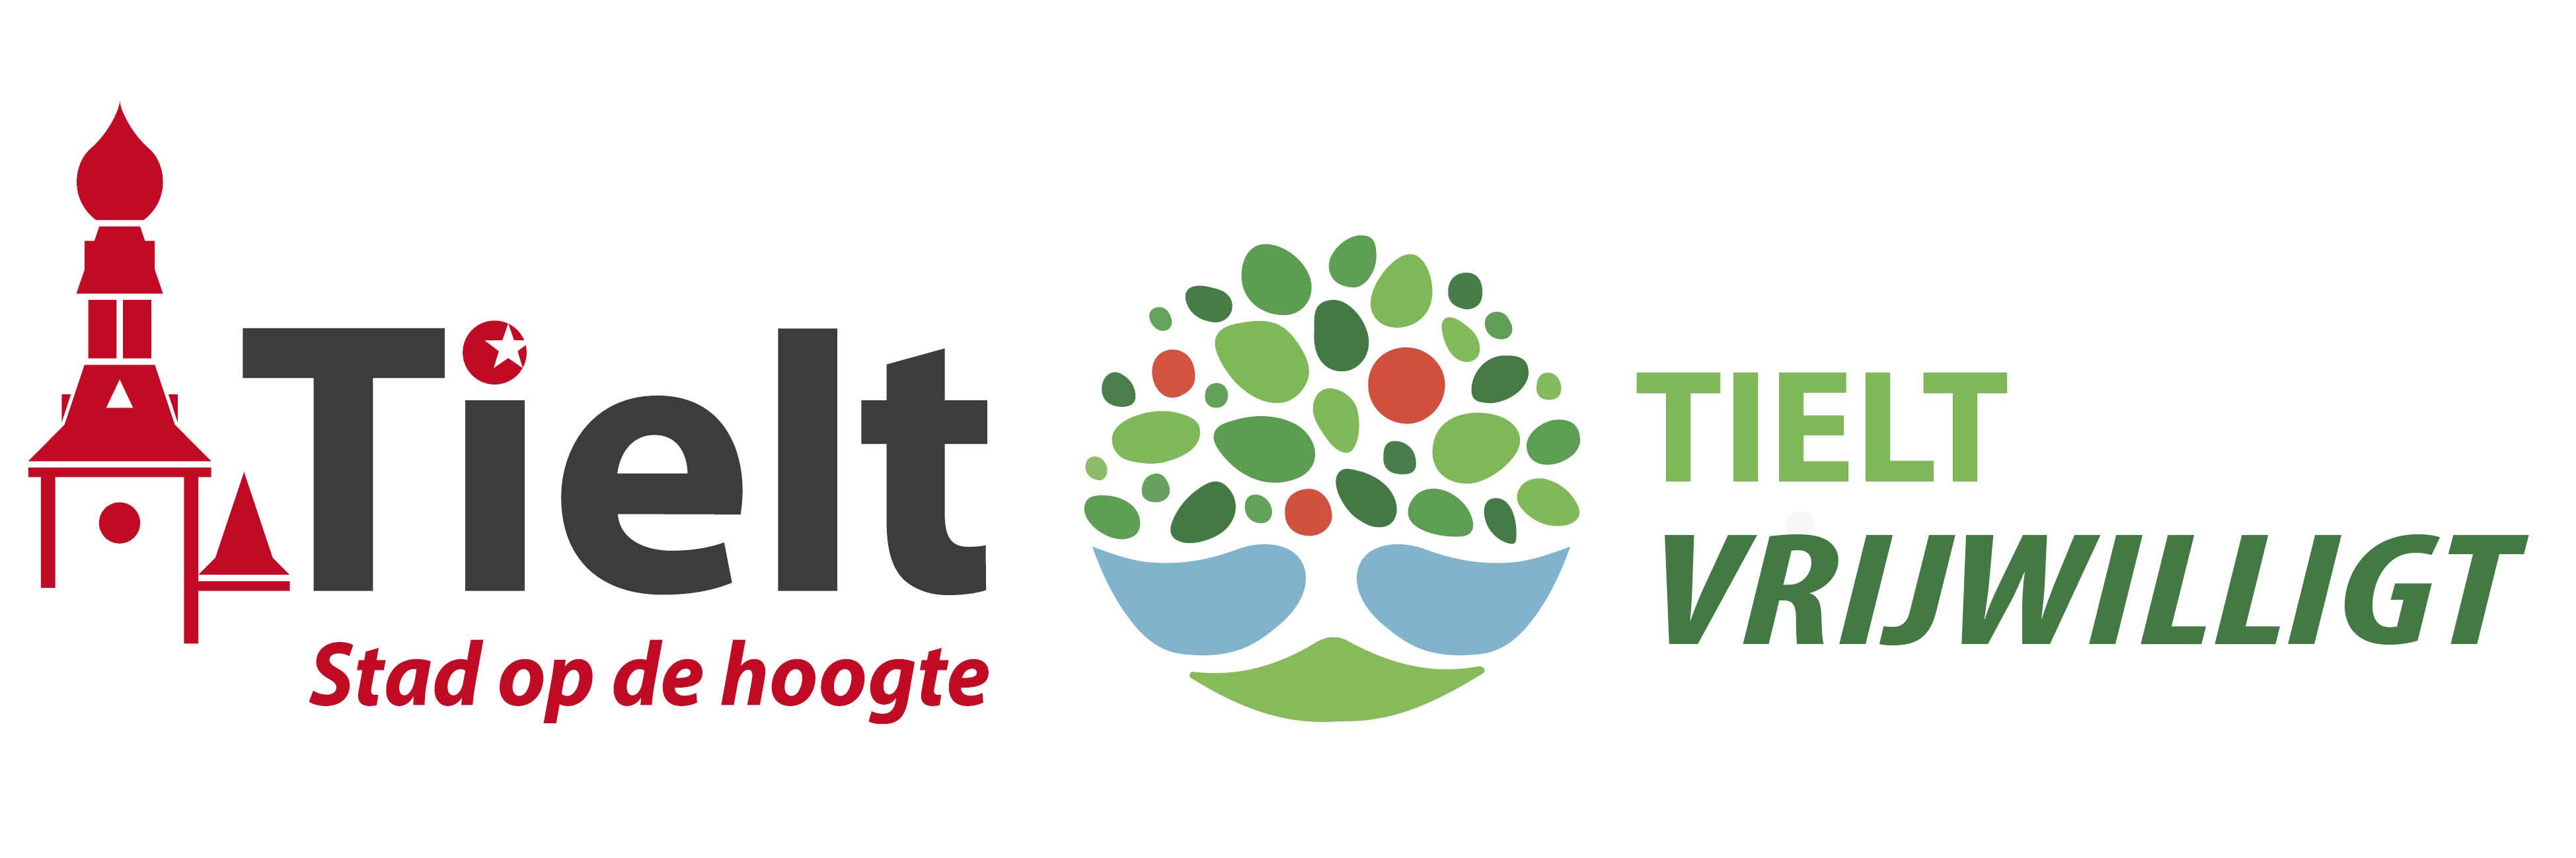 Logo Tielt Vrijwilligt: vrijwilligers zoeken en vinden in Tielt